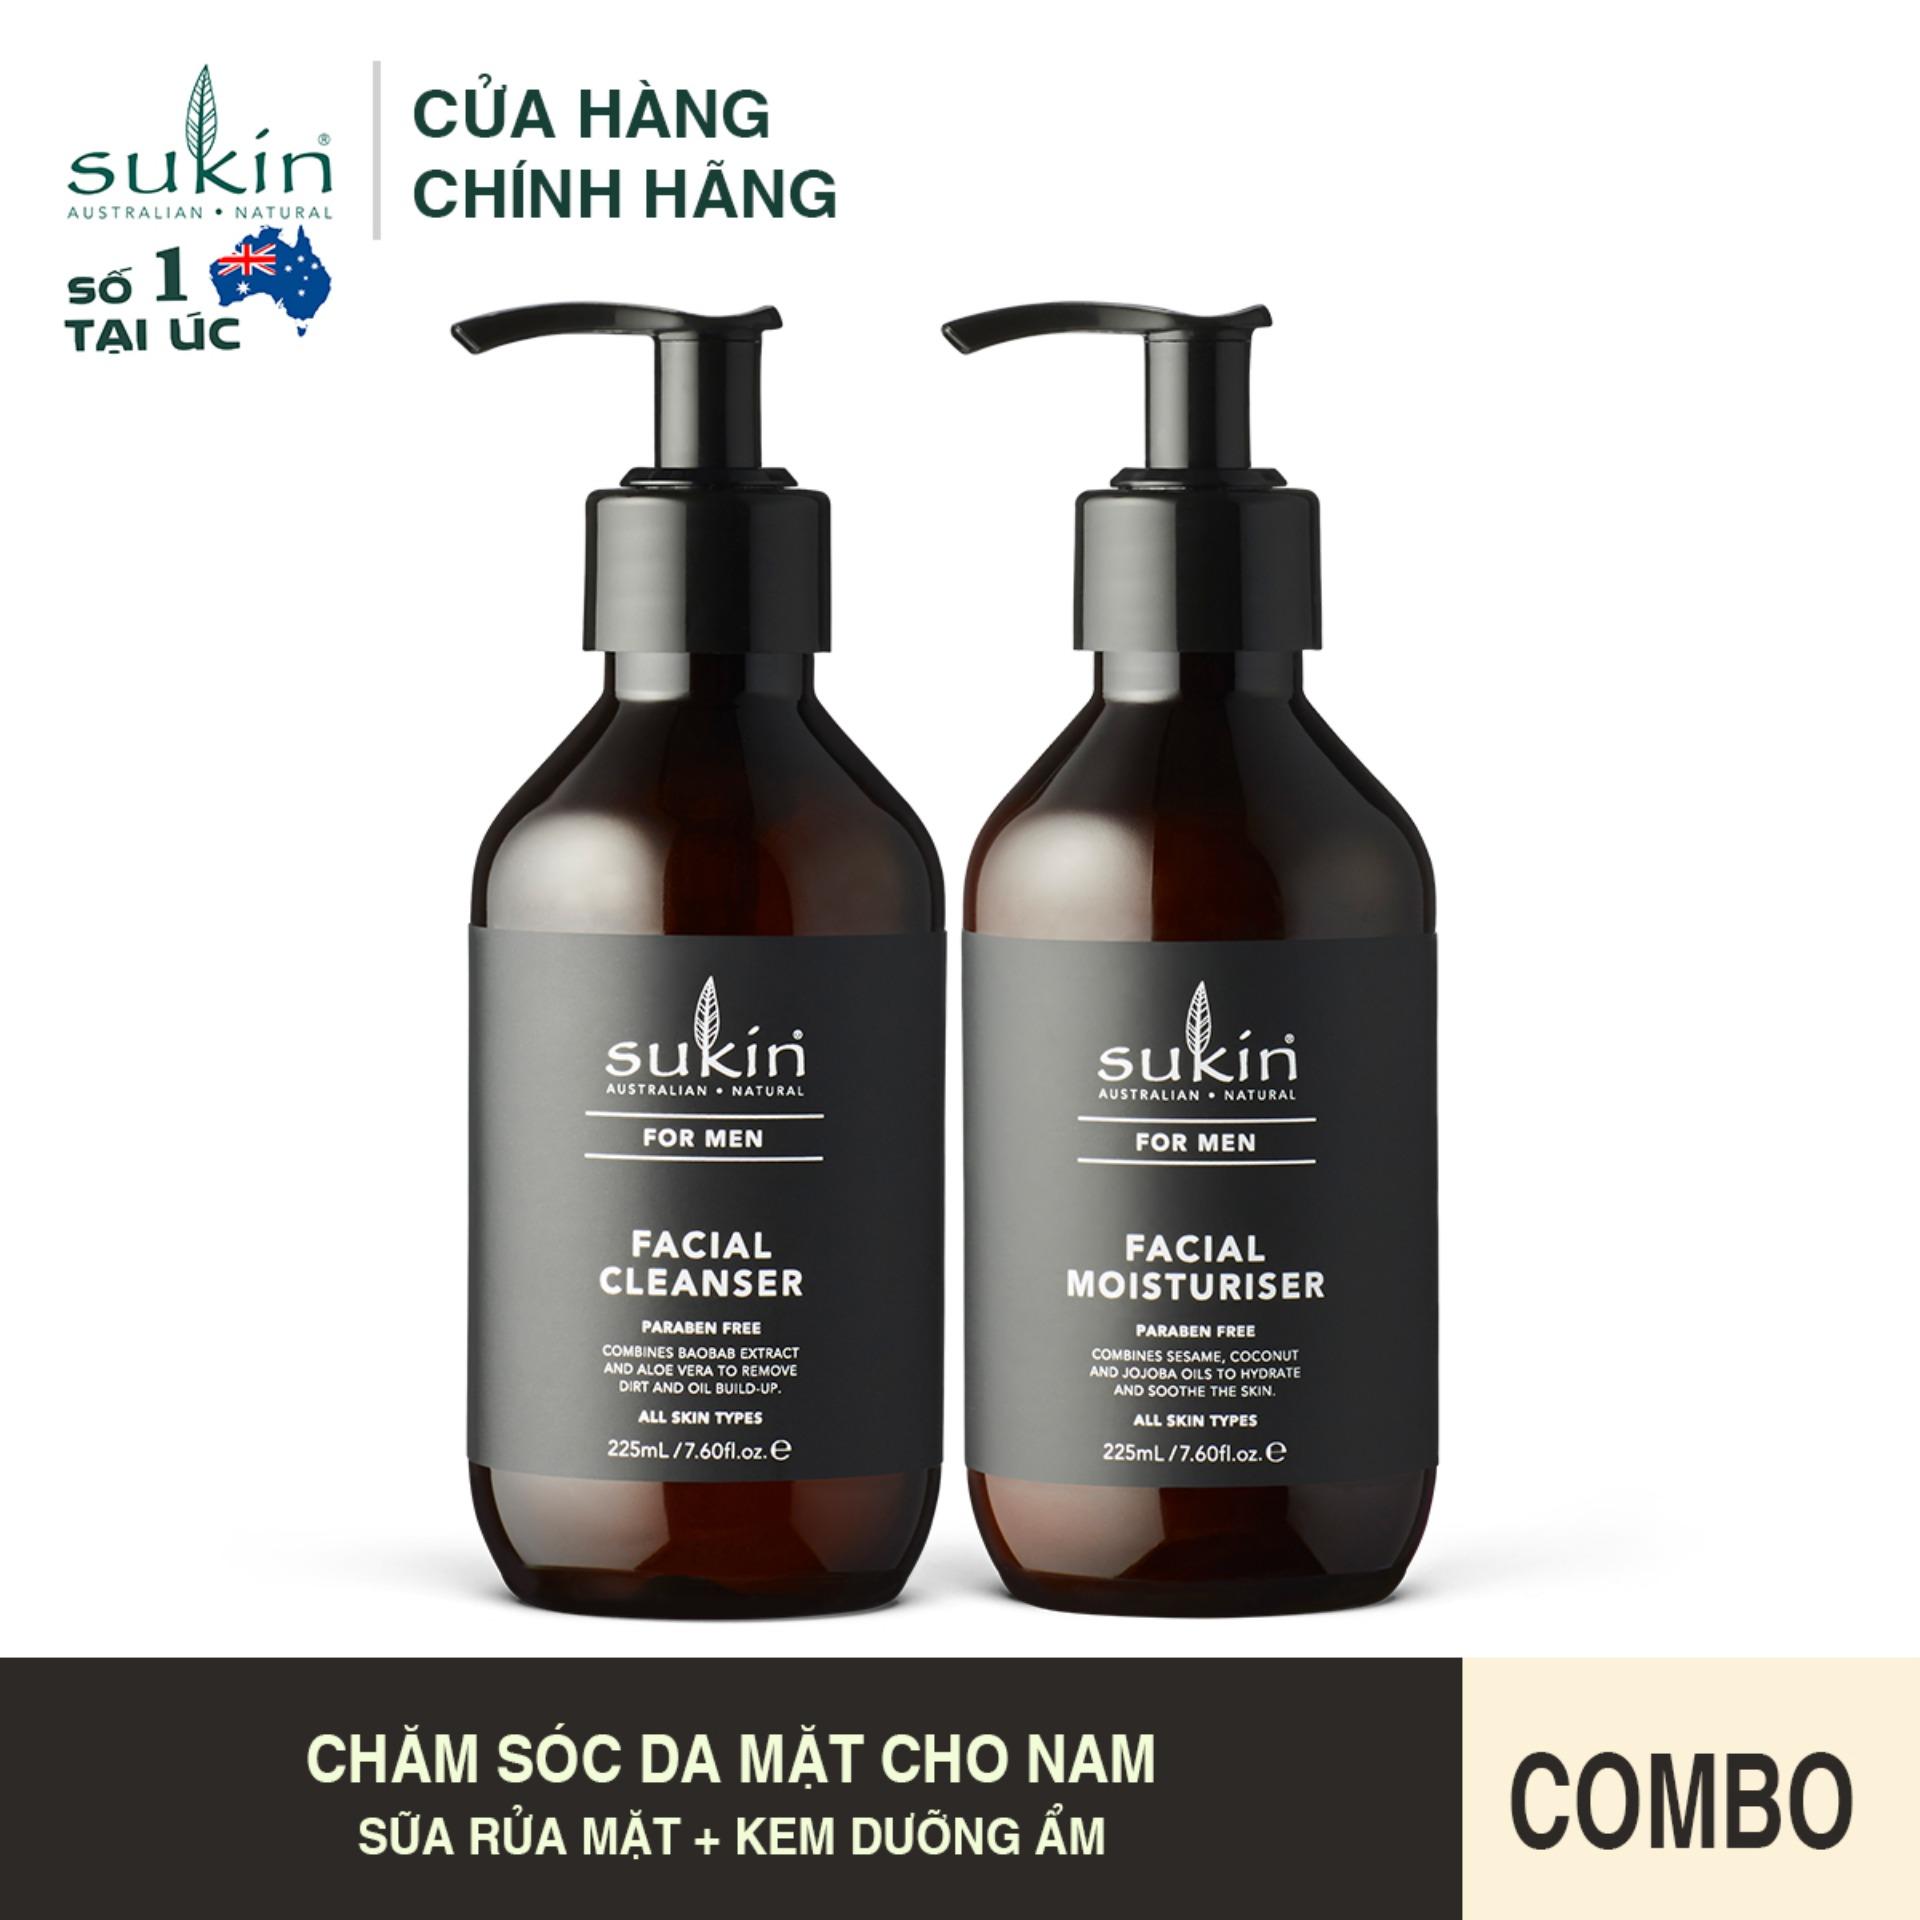 Combo Chăm Sóc Da Mặt Cho Nam Sukin For Men Sữa Rửa Mặt  225ml + Kem Dưỡng Ẩm  225ml cao cấp